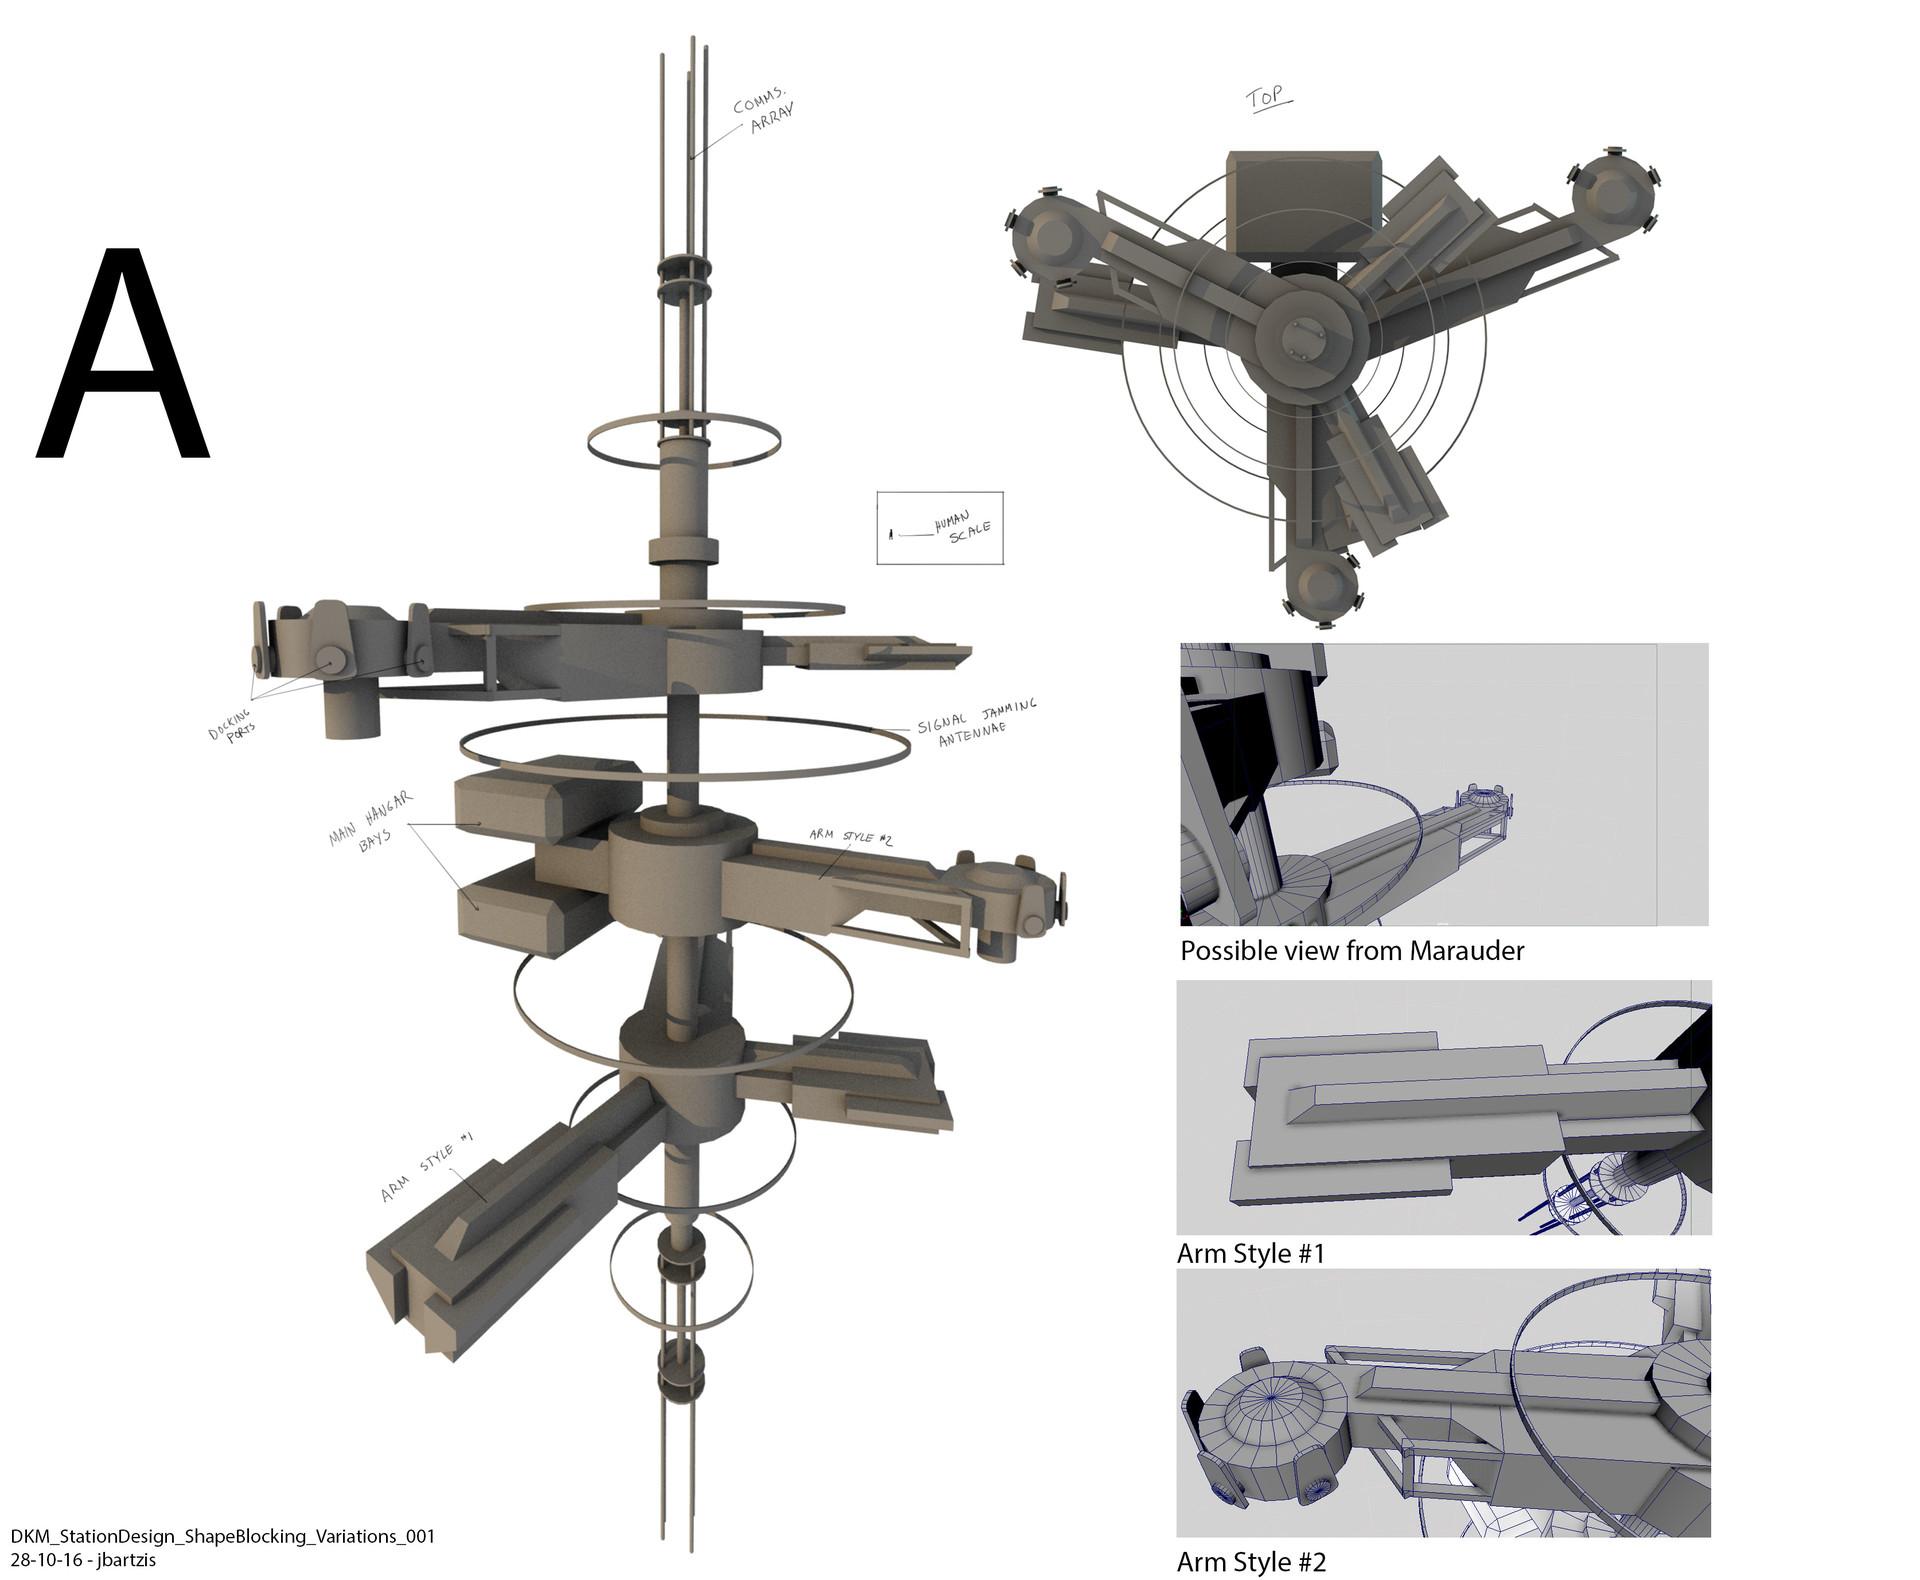 Jeff bartzis darkmatter stationdesign shapeblocking 001 a